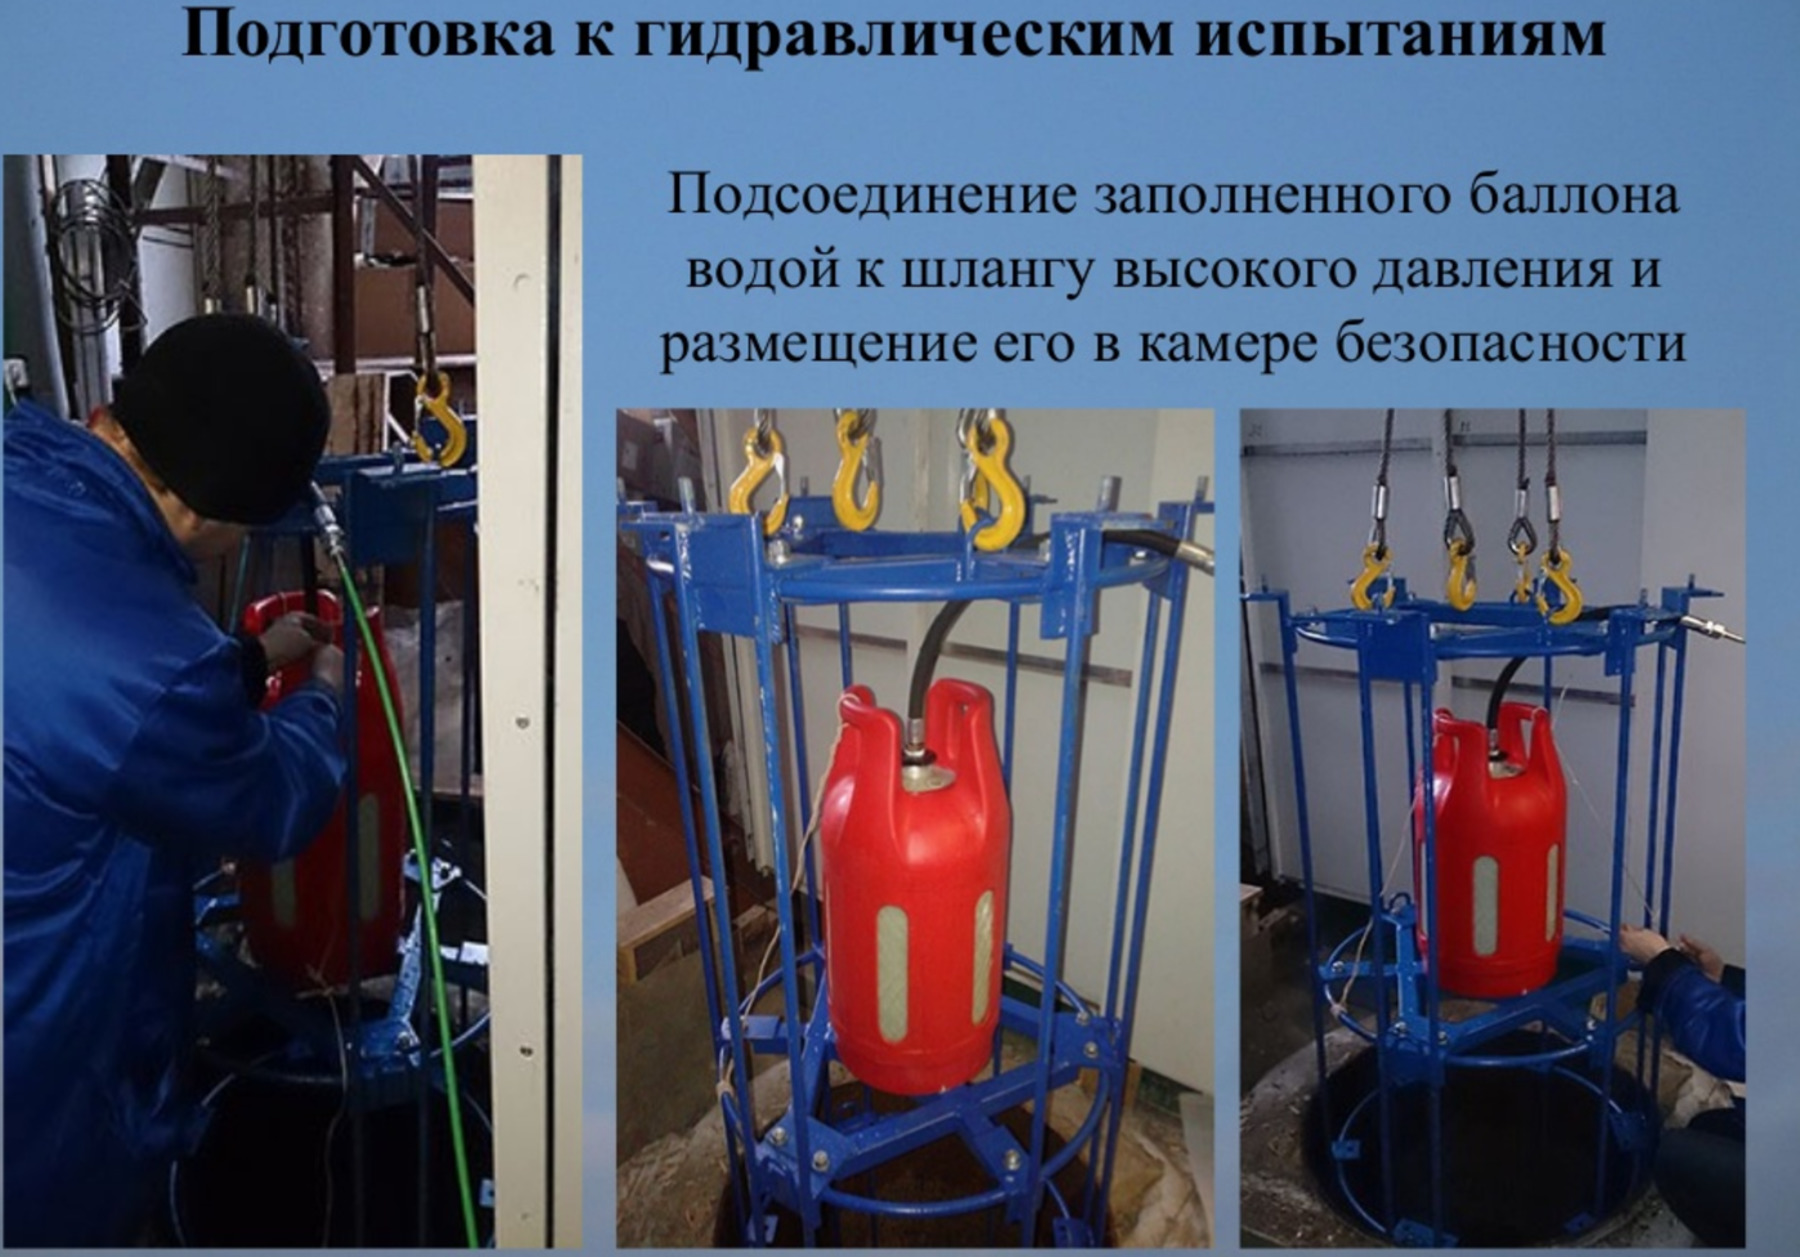 Меры безопасности при гидравлических и пневматических испытаниях трубопроводов, сосудов и аппаратов